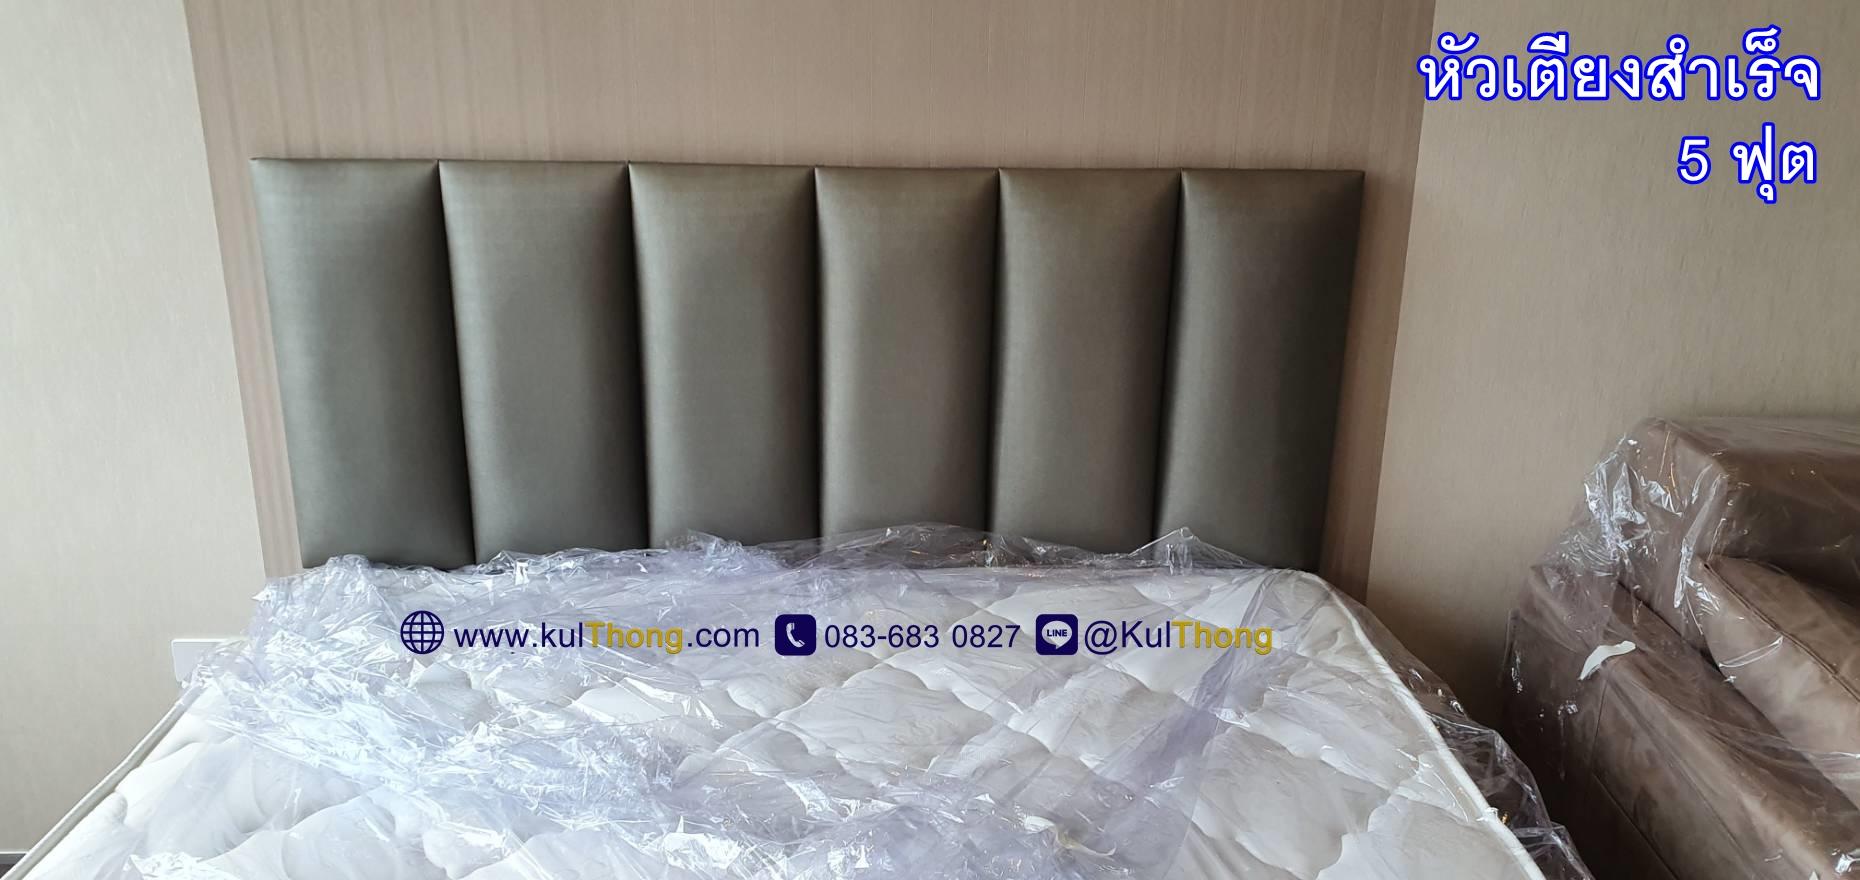 หัวเตียงแขวนผนัง หัวเตียงสำเร็จรูป หัวเตียงติดผนัง